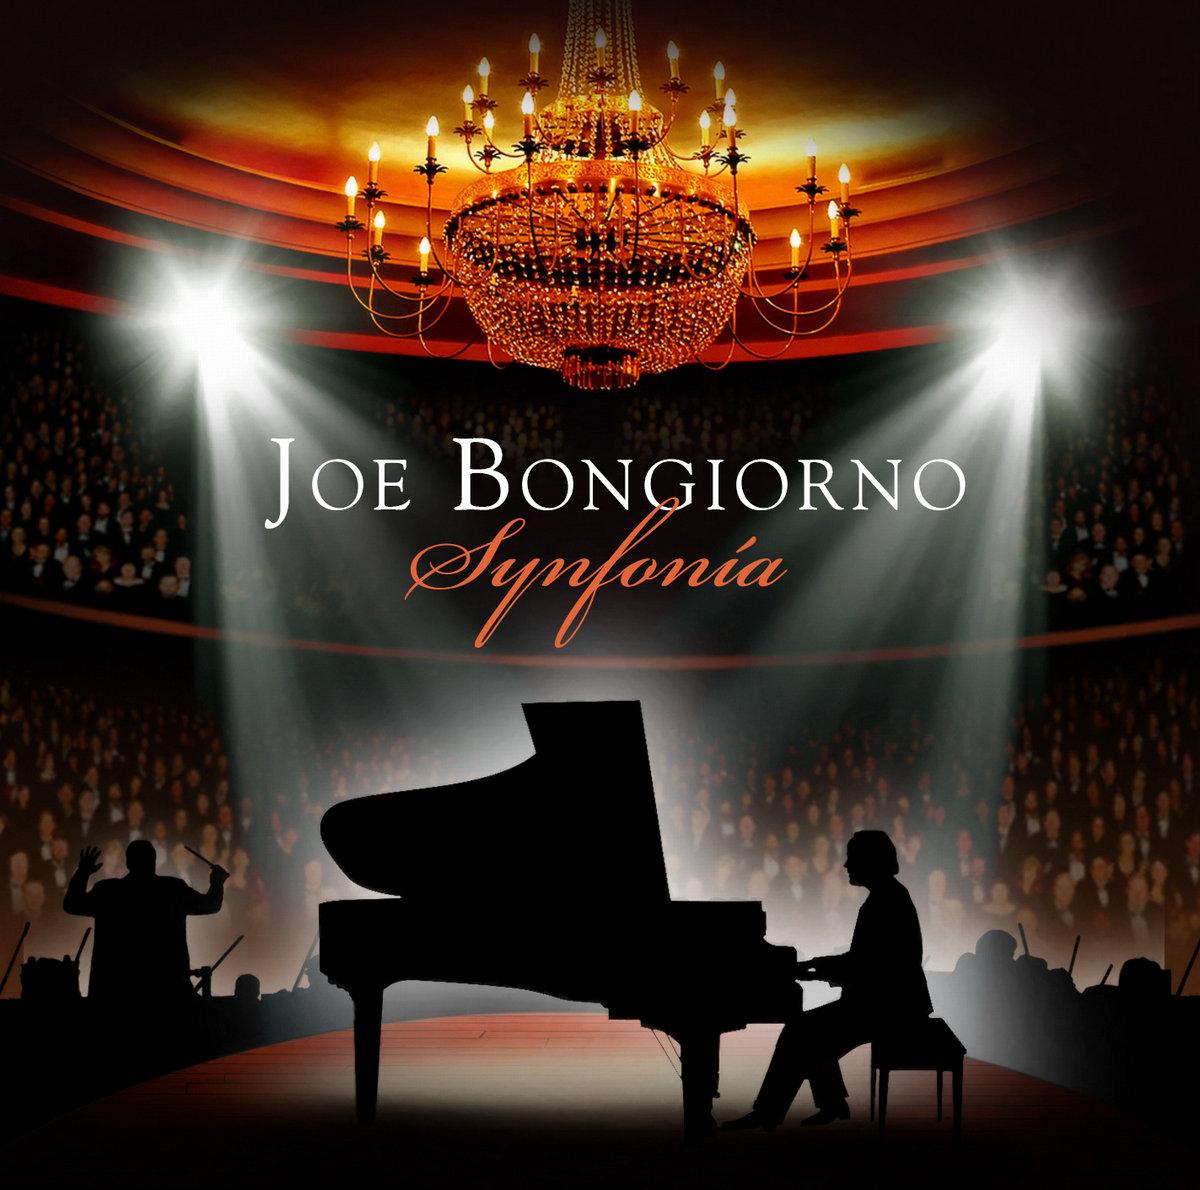 Synfonia - track samples | Joe Bongiorno